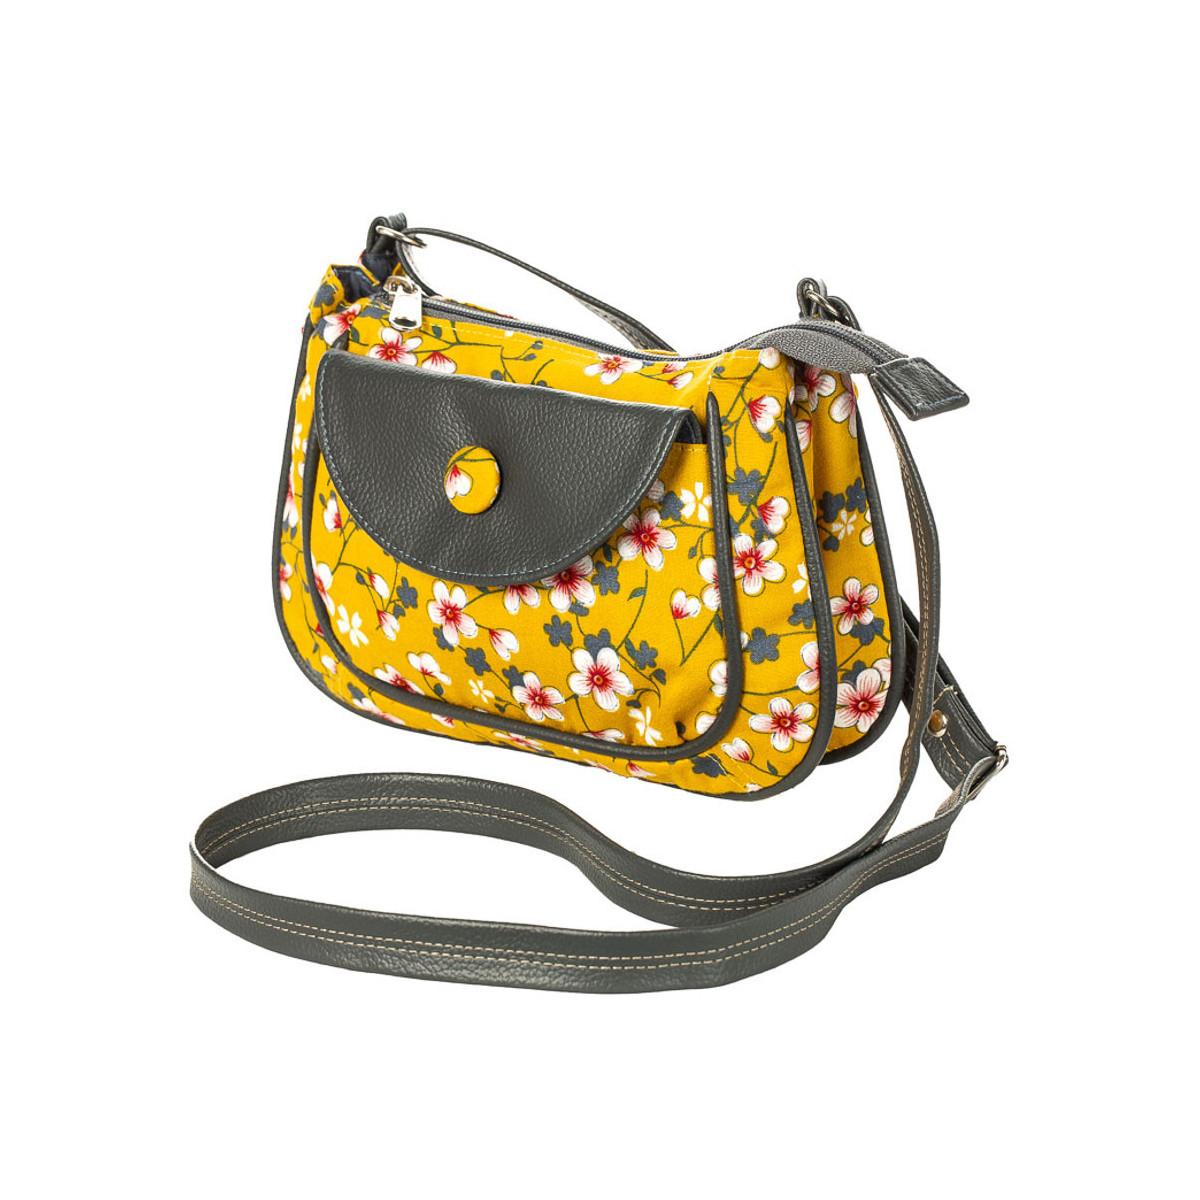 petit sac besace bandoulière jaune moutarde et fleurs